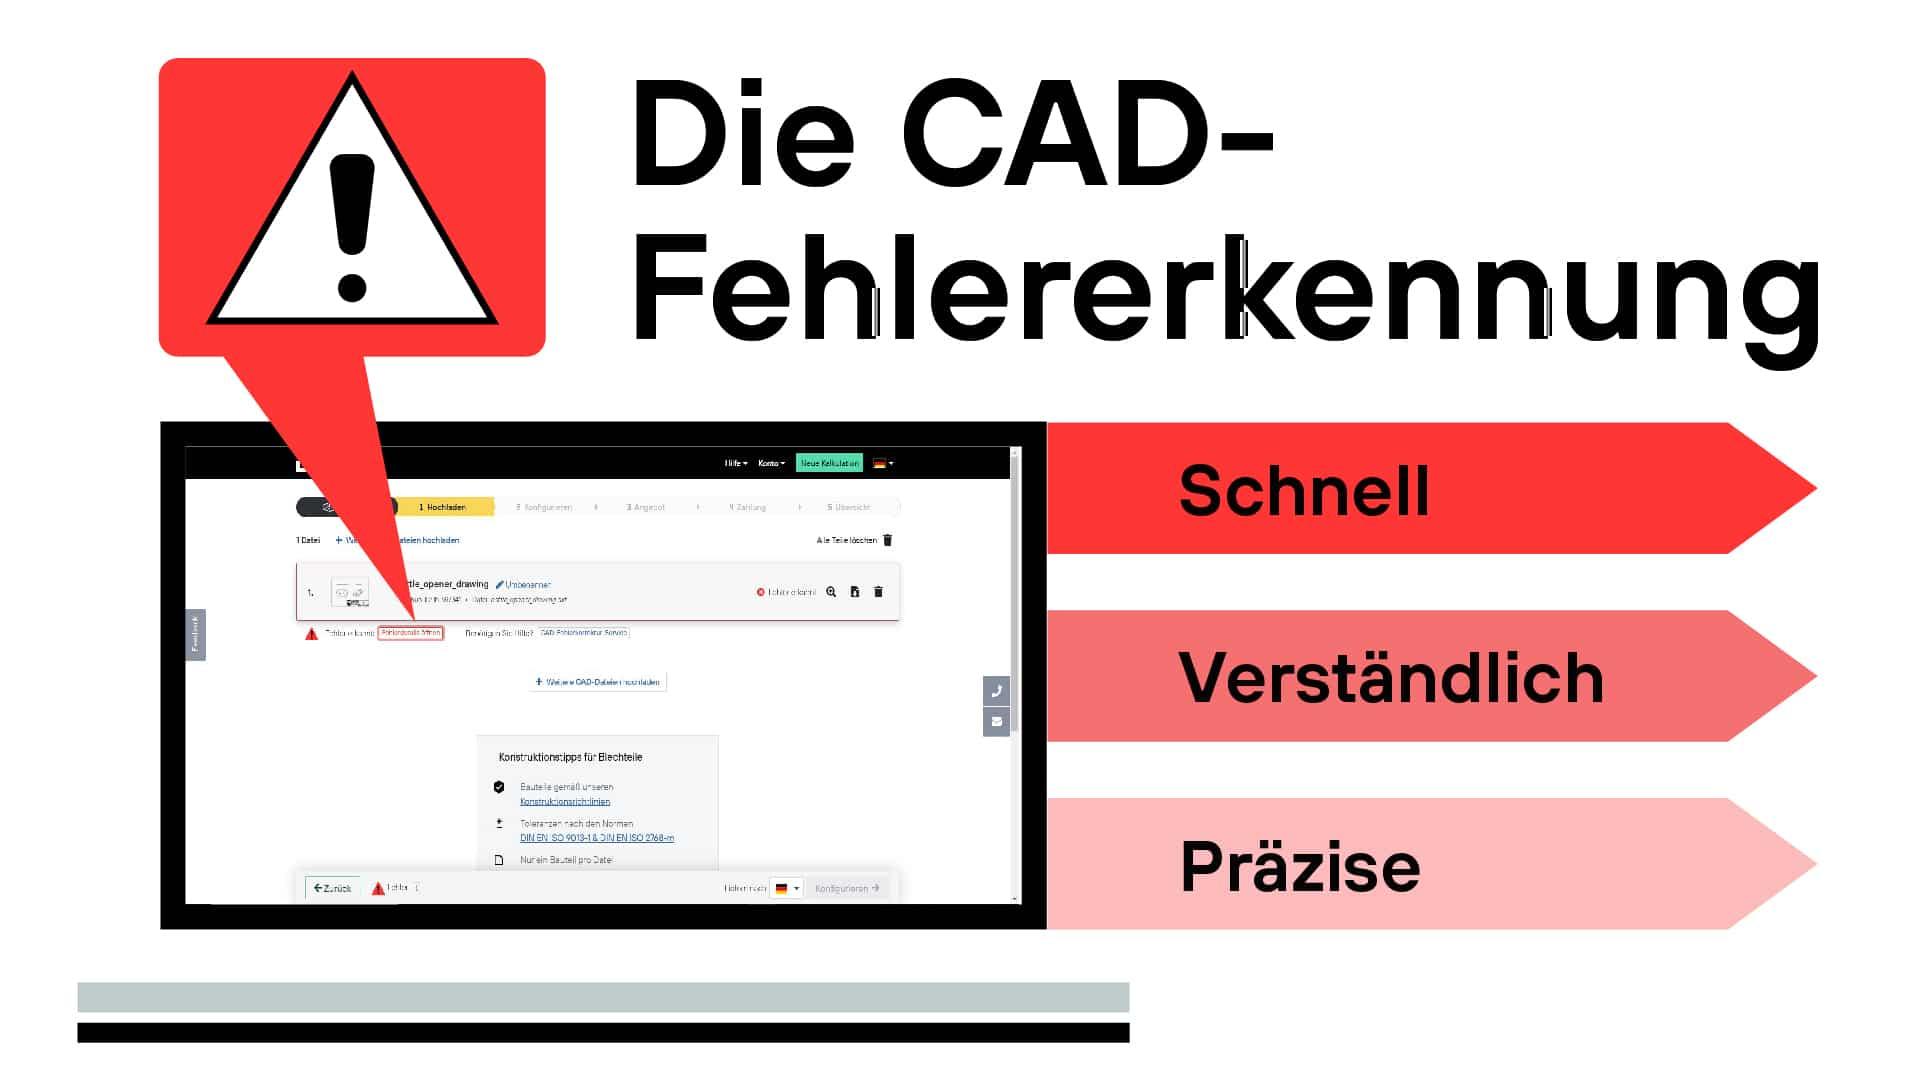 Die Erkennung von Fehler Ihrer CAD-Datei aufmacher